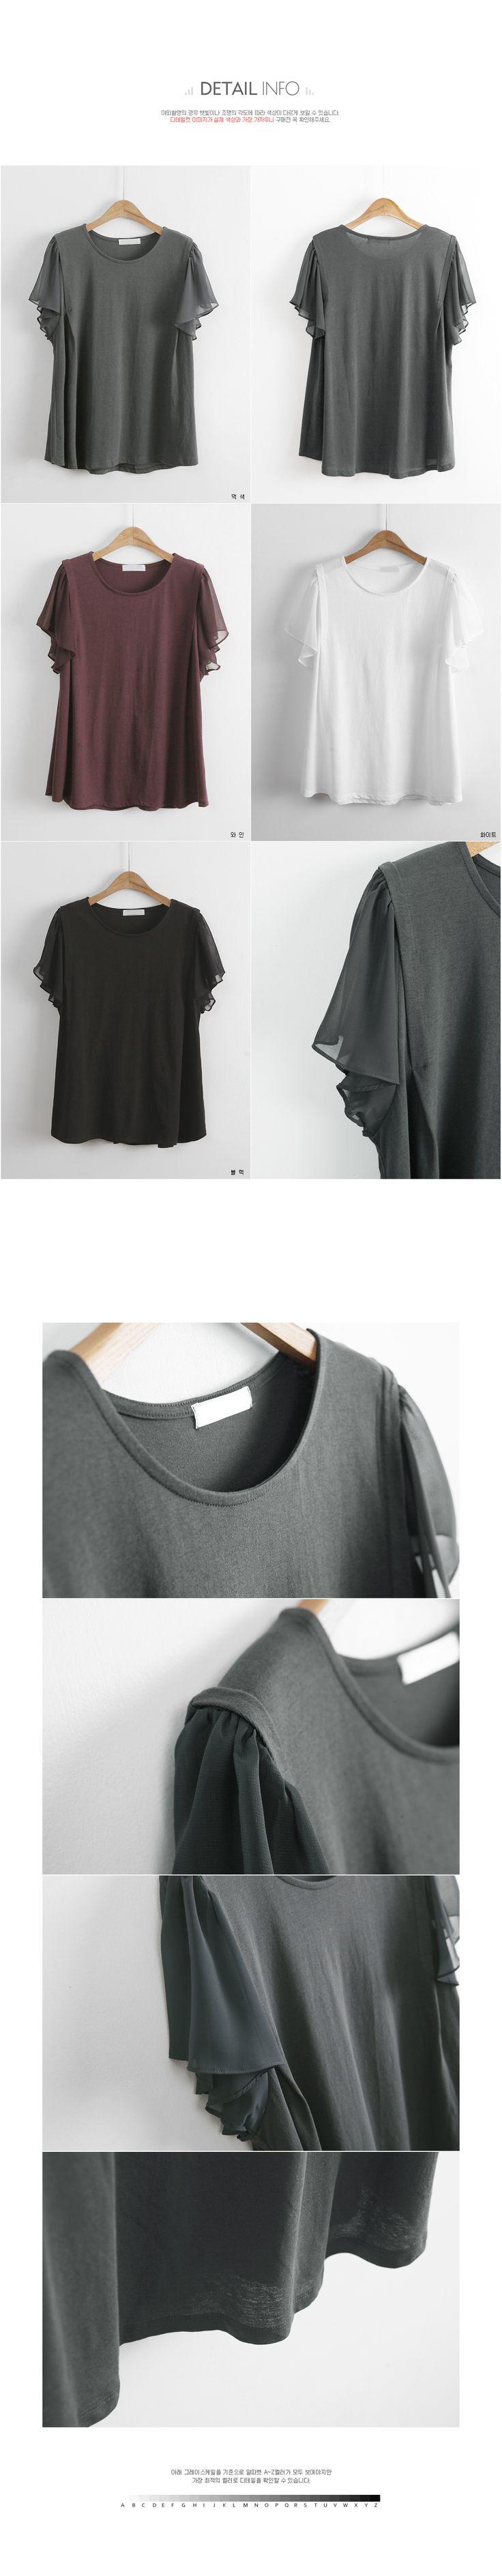 ルーズなフィットでヤングミセスの悩みを隠しながら、さらにスリムに引き立たせてくれるトップスアイテム〜。ラウンドネック、VネックTシャツ、ノースリーブTシャツ、ポロシャツなど豊富にご用意しました。【JOAMOM]  婦人服通販レディースファッション トップ MJ™フリルシフォン袖ティーJT1209 ラウンドネック